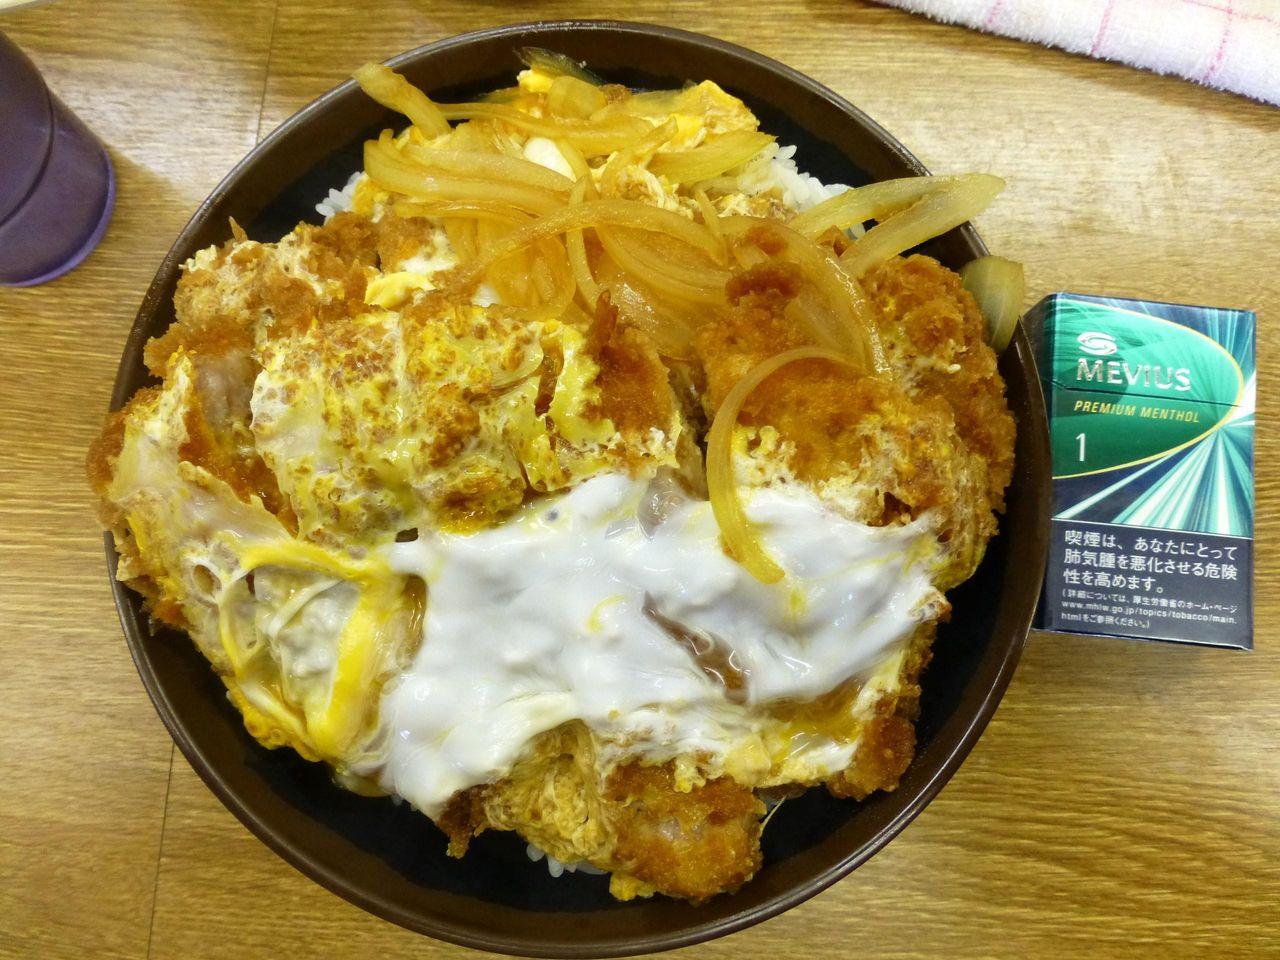 Wカツ丼(大盛)は、直径18センチの丼を使用!